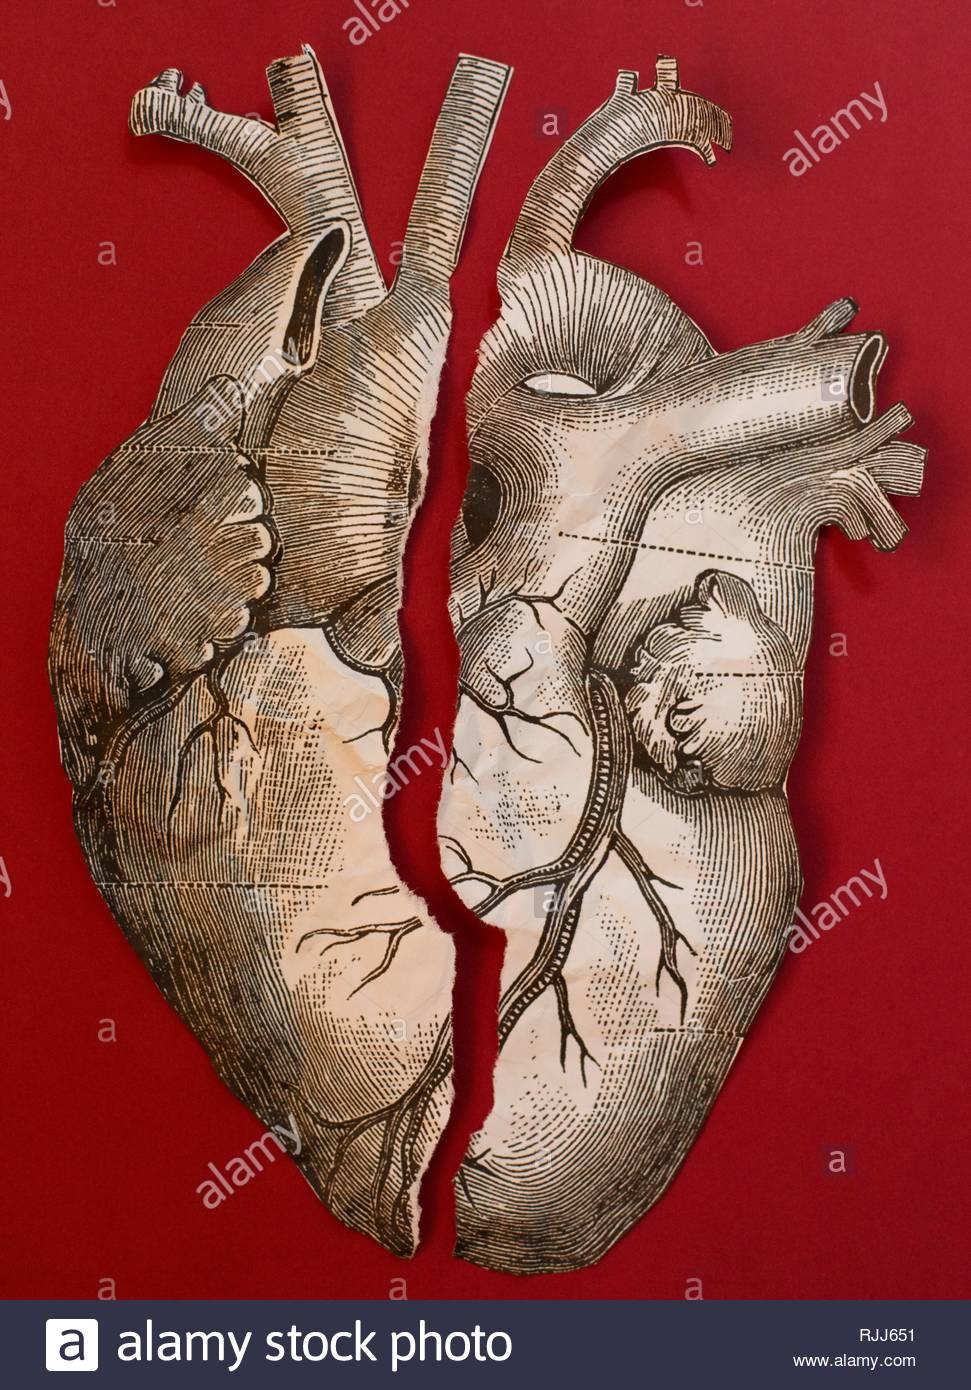 Un Vintage Style ilustración anatómica del corazón, arrugado y roto. Imagen De Stock